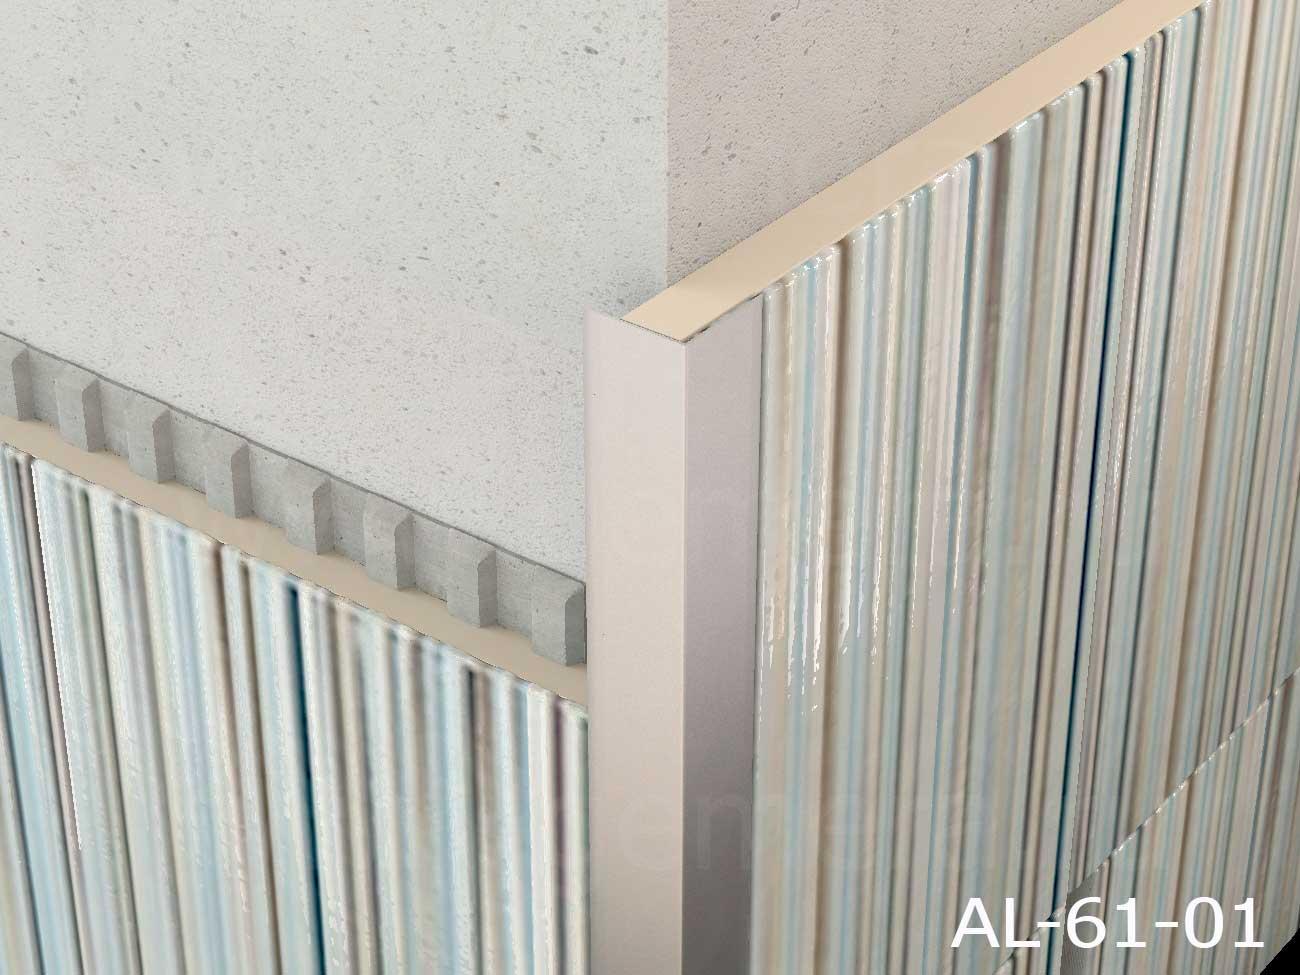 Уголок алюминиевый защитный Butun AL-61-01